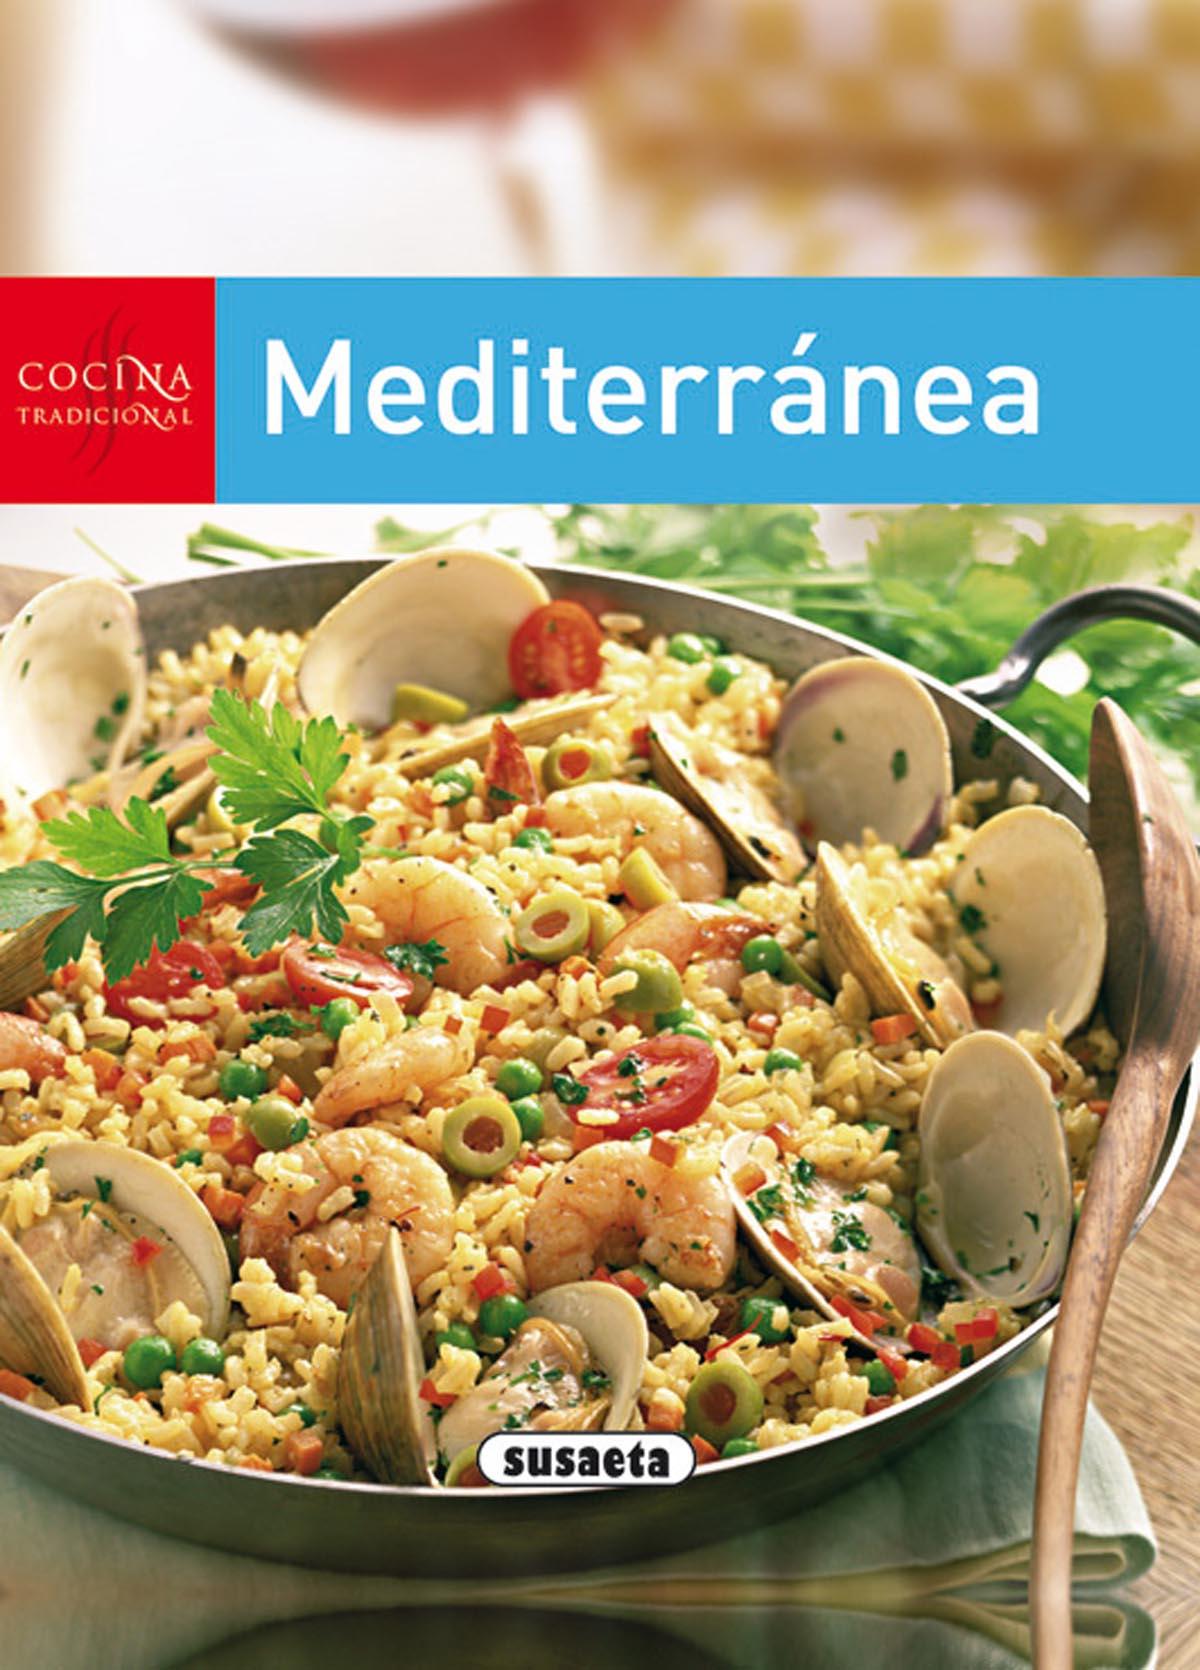 Cocina Mediterranea Tradicional   Mediterranea Cocina Tradicional Vv Aa Comprar Libro 9788430563371